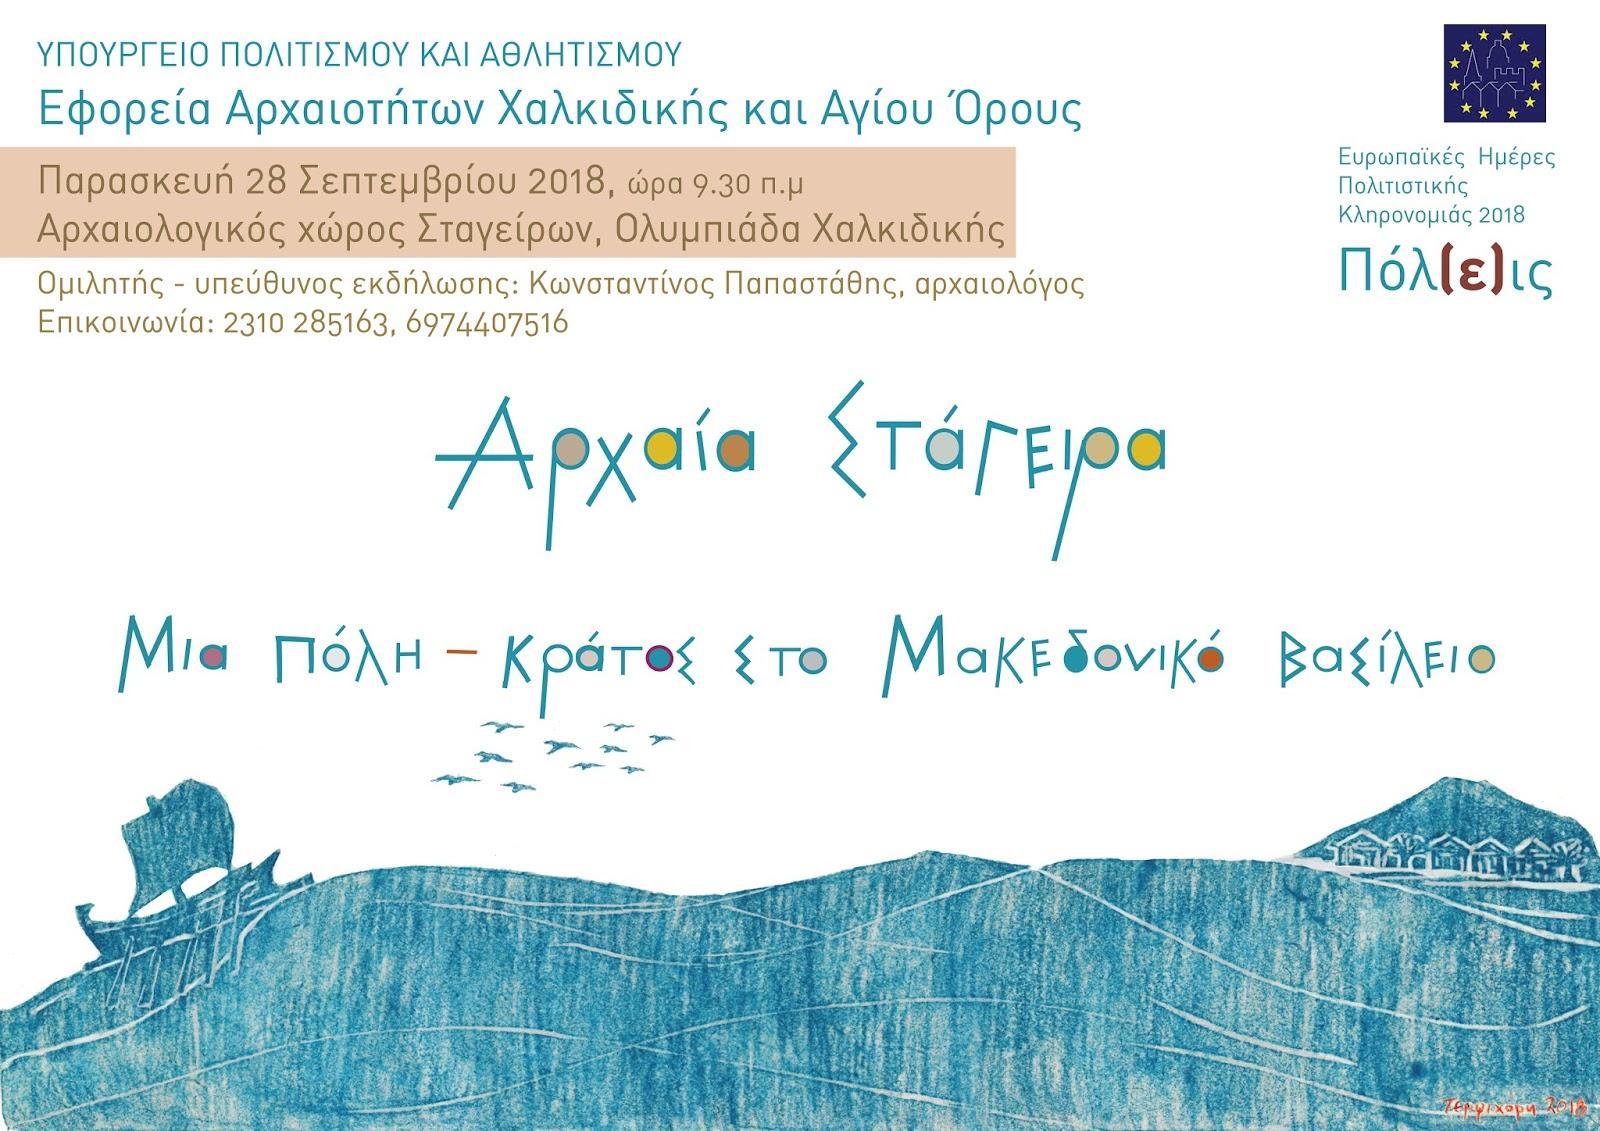 Ευρωπαϊκές Ημέρες Πολιτιστικής Κληρονομιάς. Δράσεις της Εφορείας Αρχαιτήτων Χαλκιδικής και Αγίου Όρους